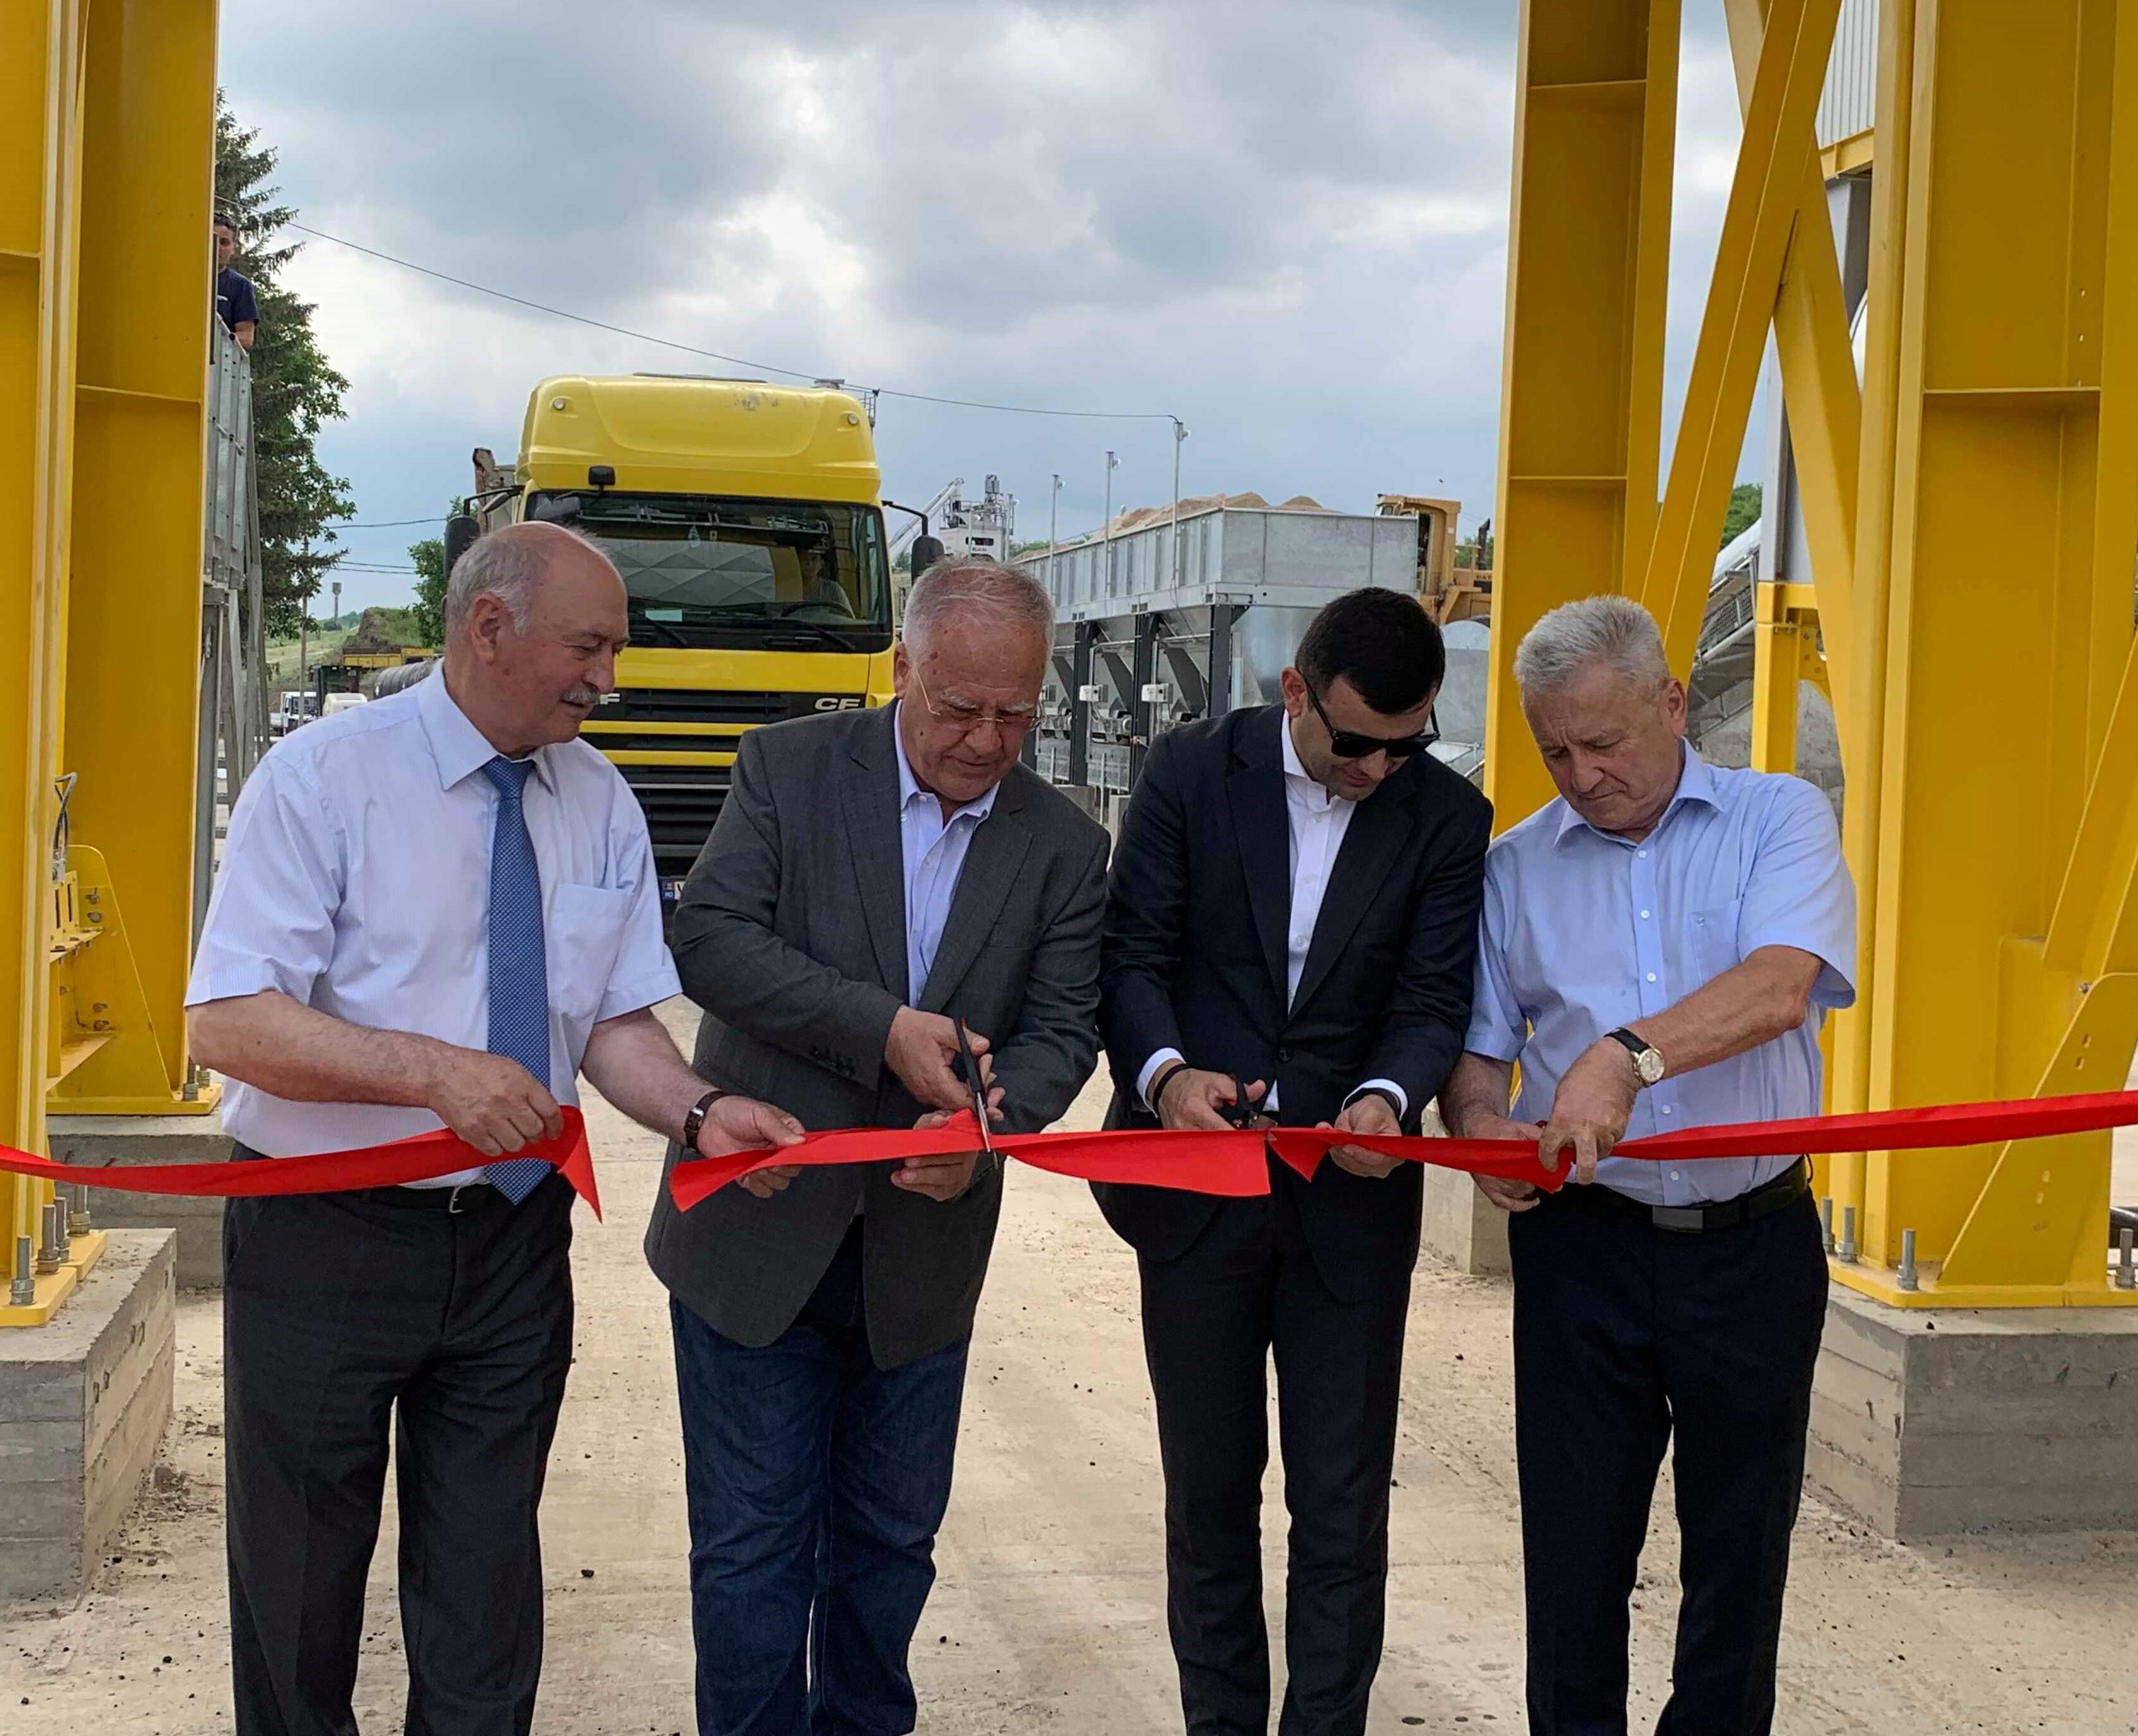 Lansarea celei mai mari uzine de beton asfaltic din Moldova, diacov Gaburici prezent la eveniment, pdm fapte nu vorbe, partidul democrat din moldova, plahotniuc drumuri bune, guvernul filip reforme,